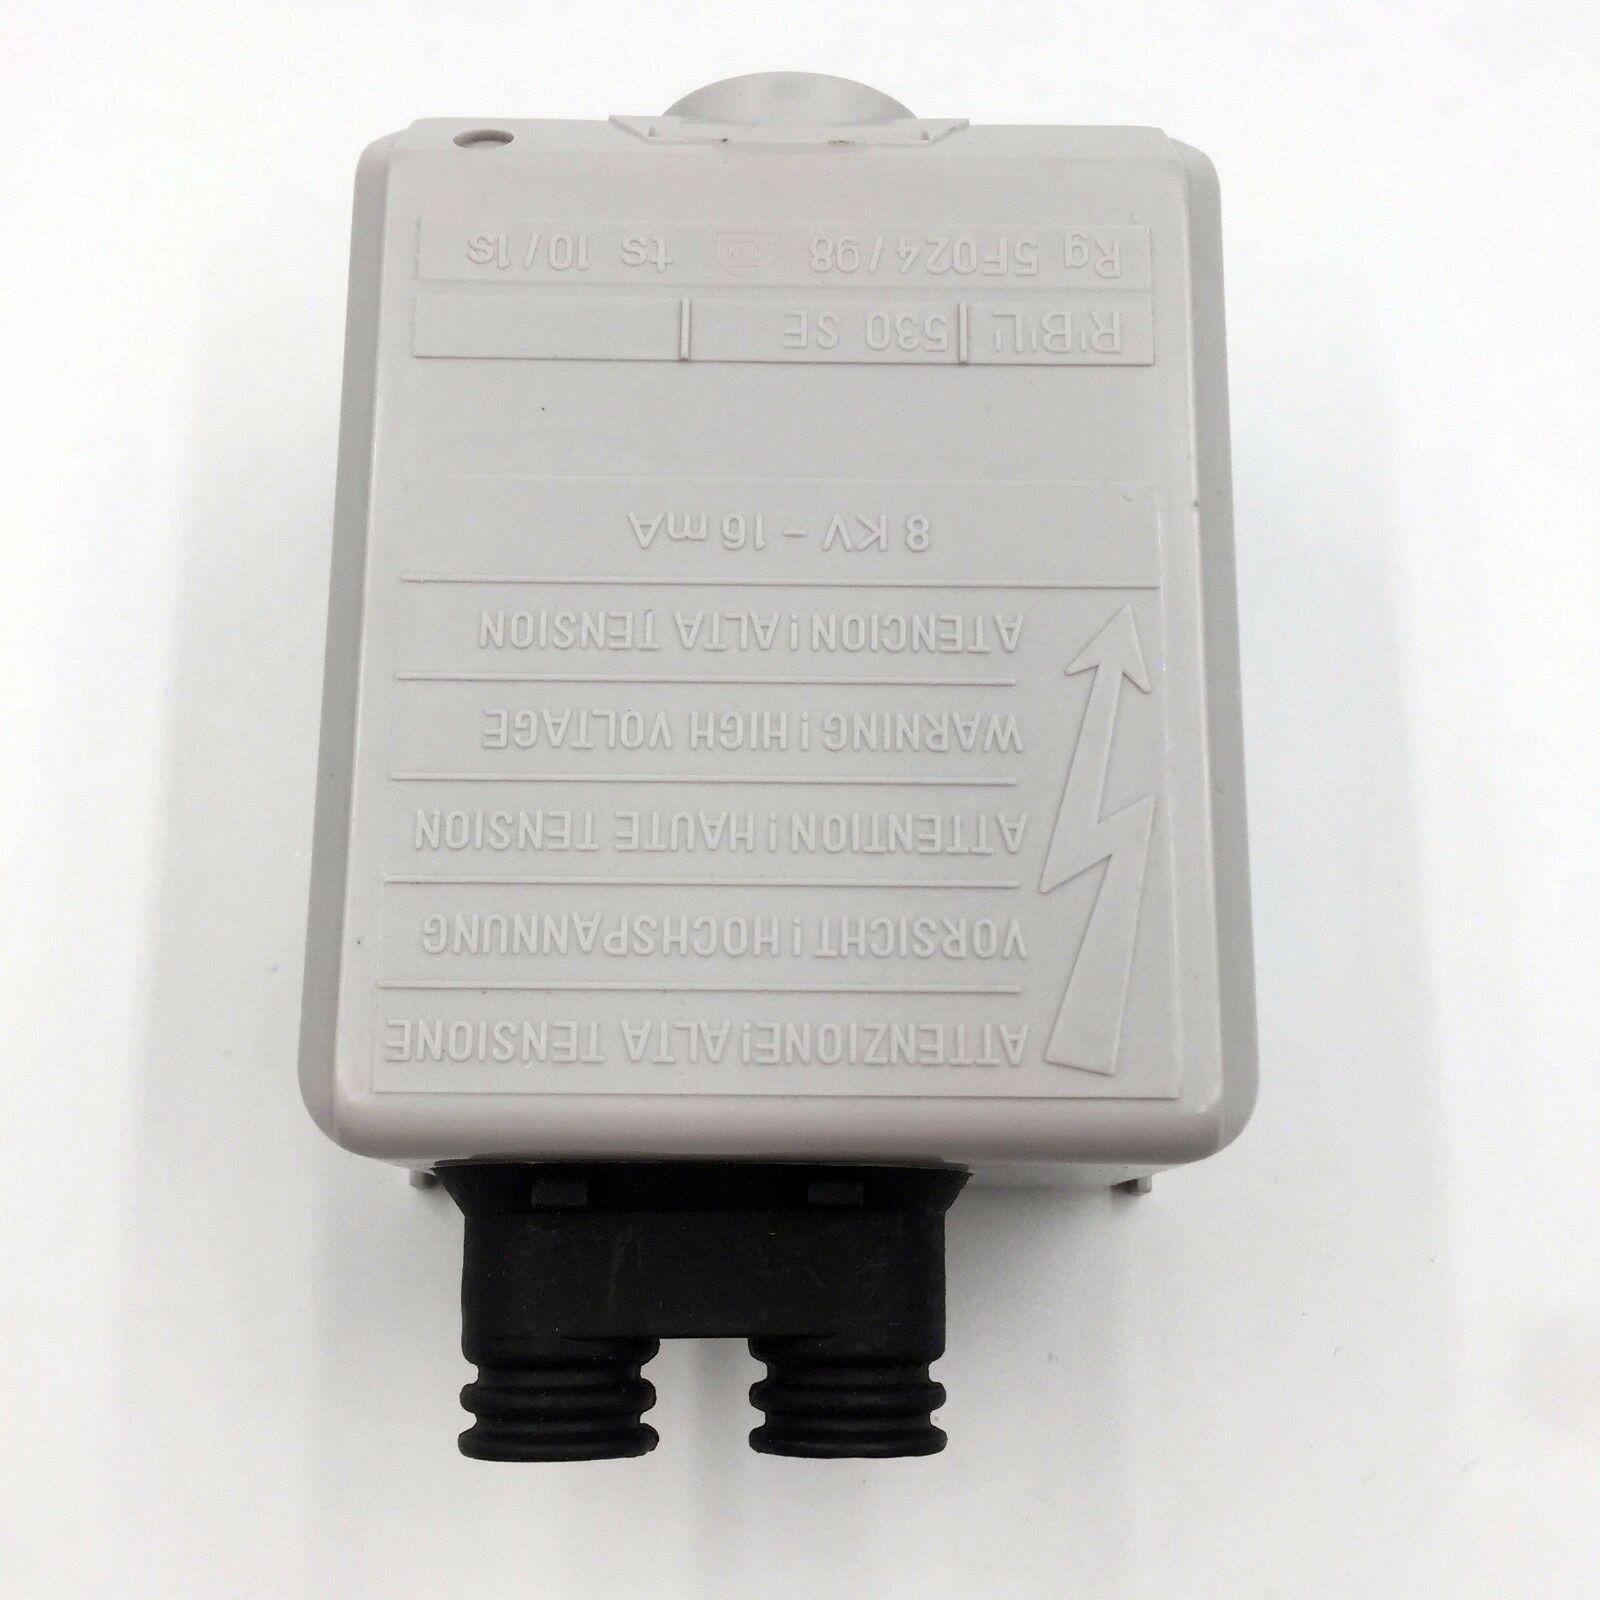 Riello burner control box